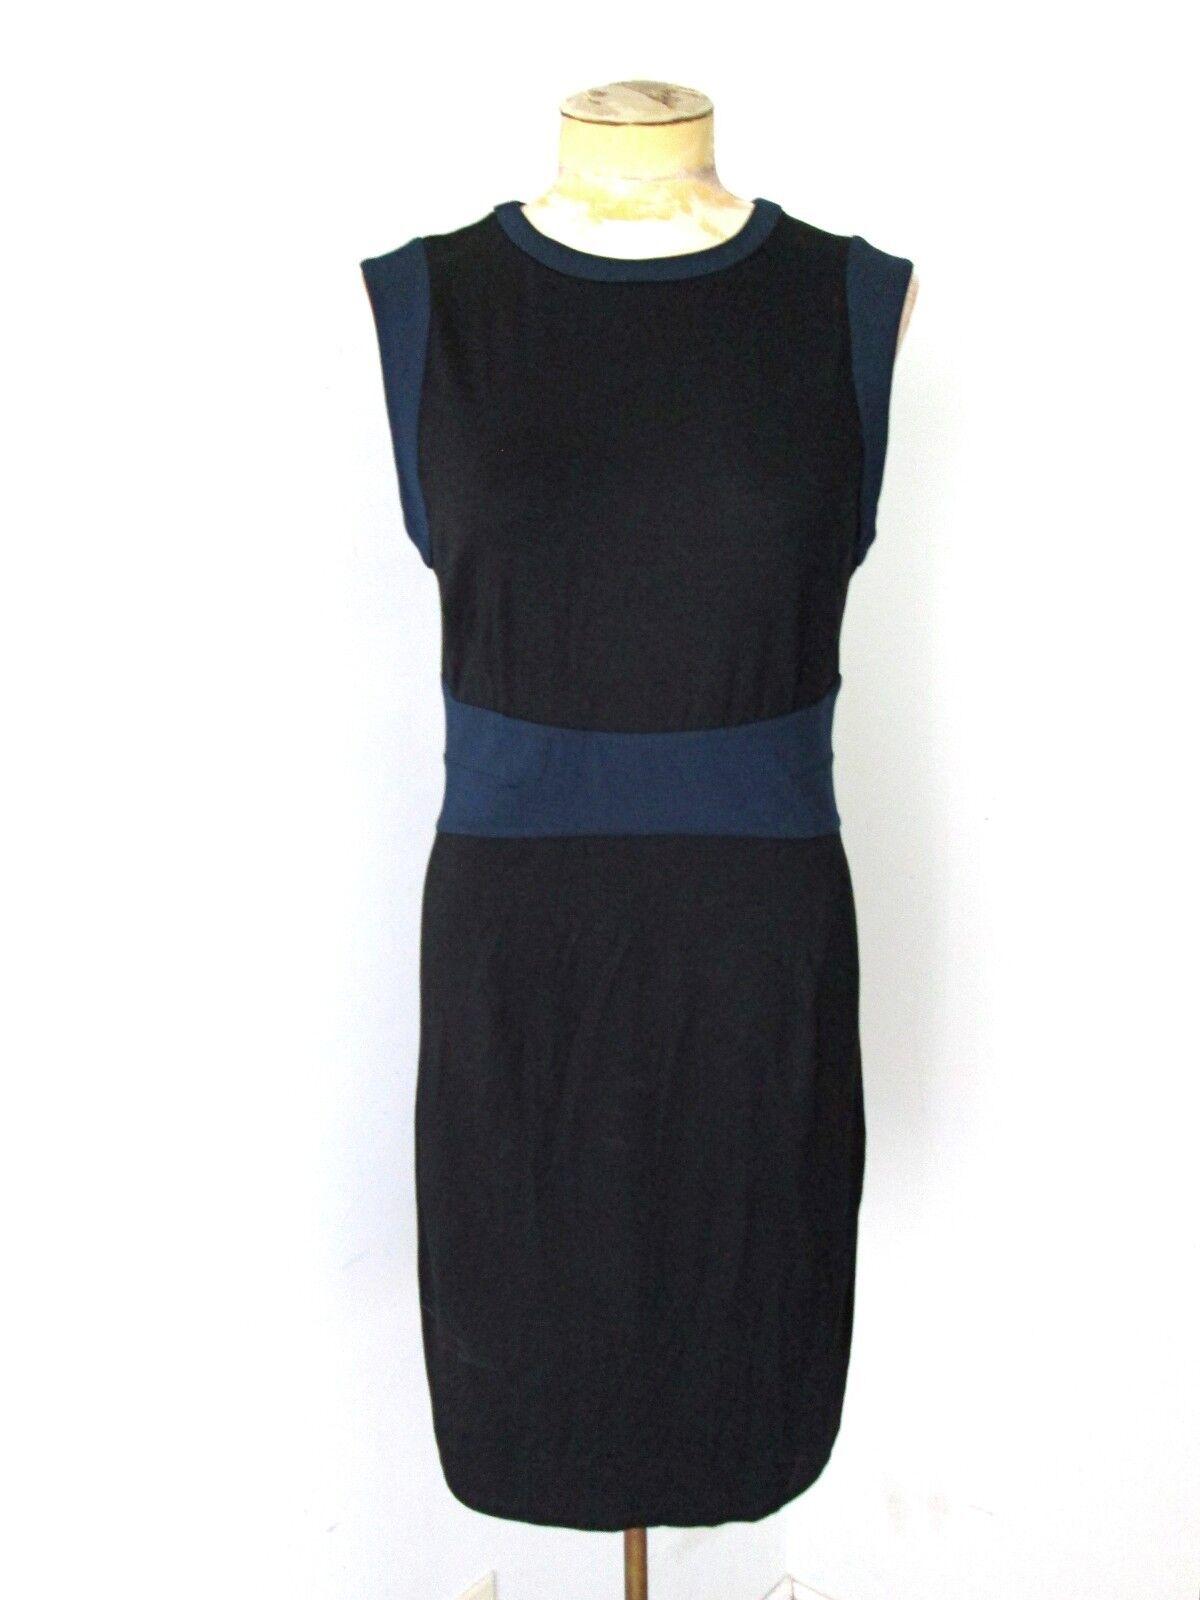 NWT Diane von Furstenberg schwarz navy stretchy knit shift dress Getchen Sz 10